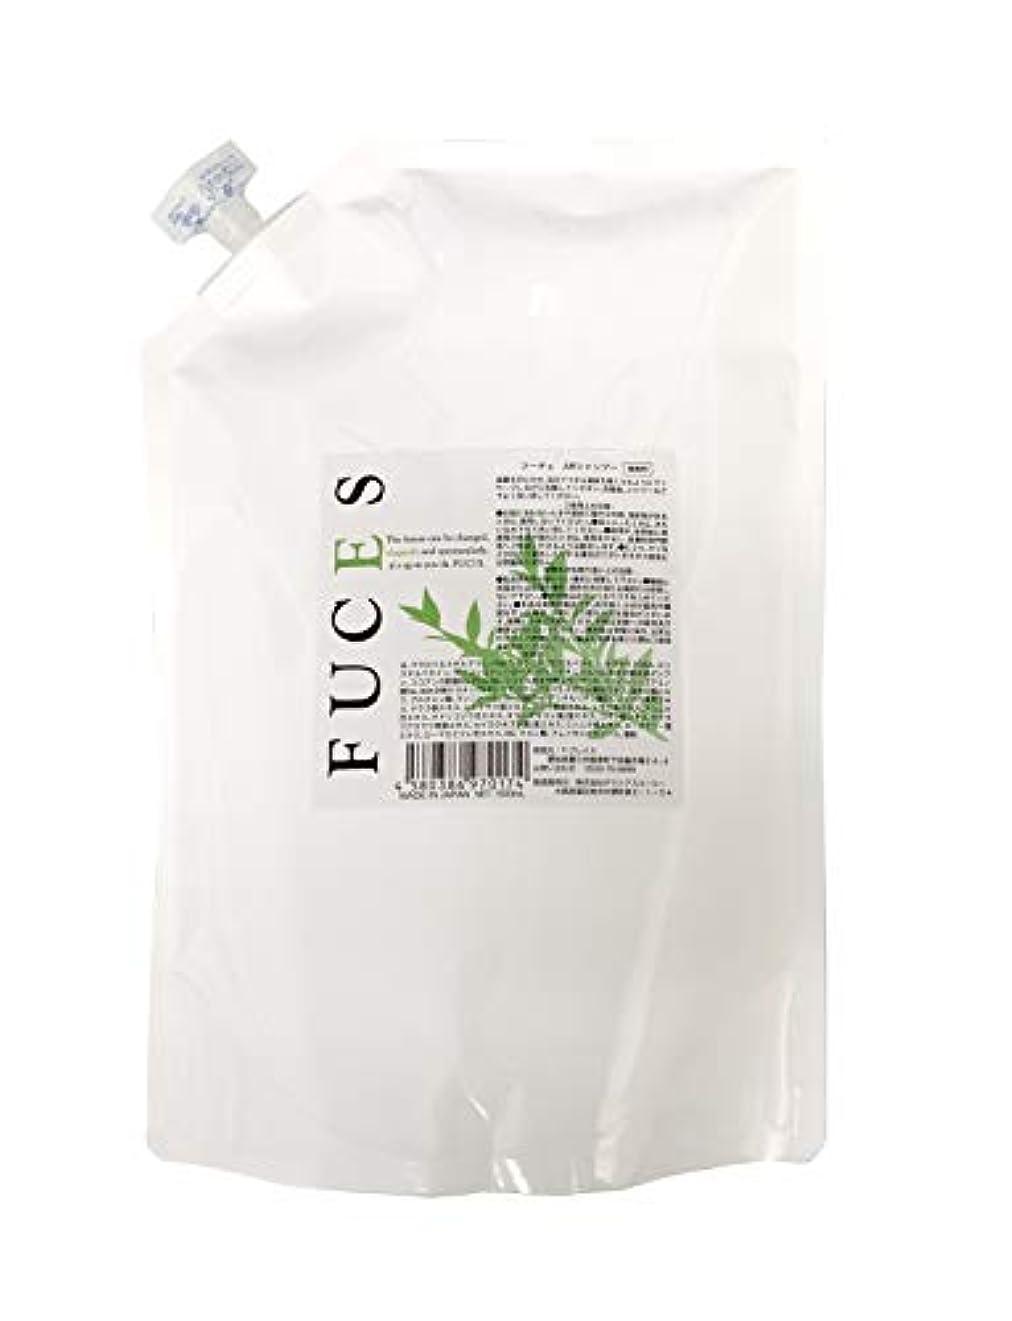 麦芽エレガントシロクマT-ブレイス FUCES フーチェ AR シャンプー 1500ml レフィル